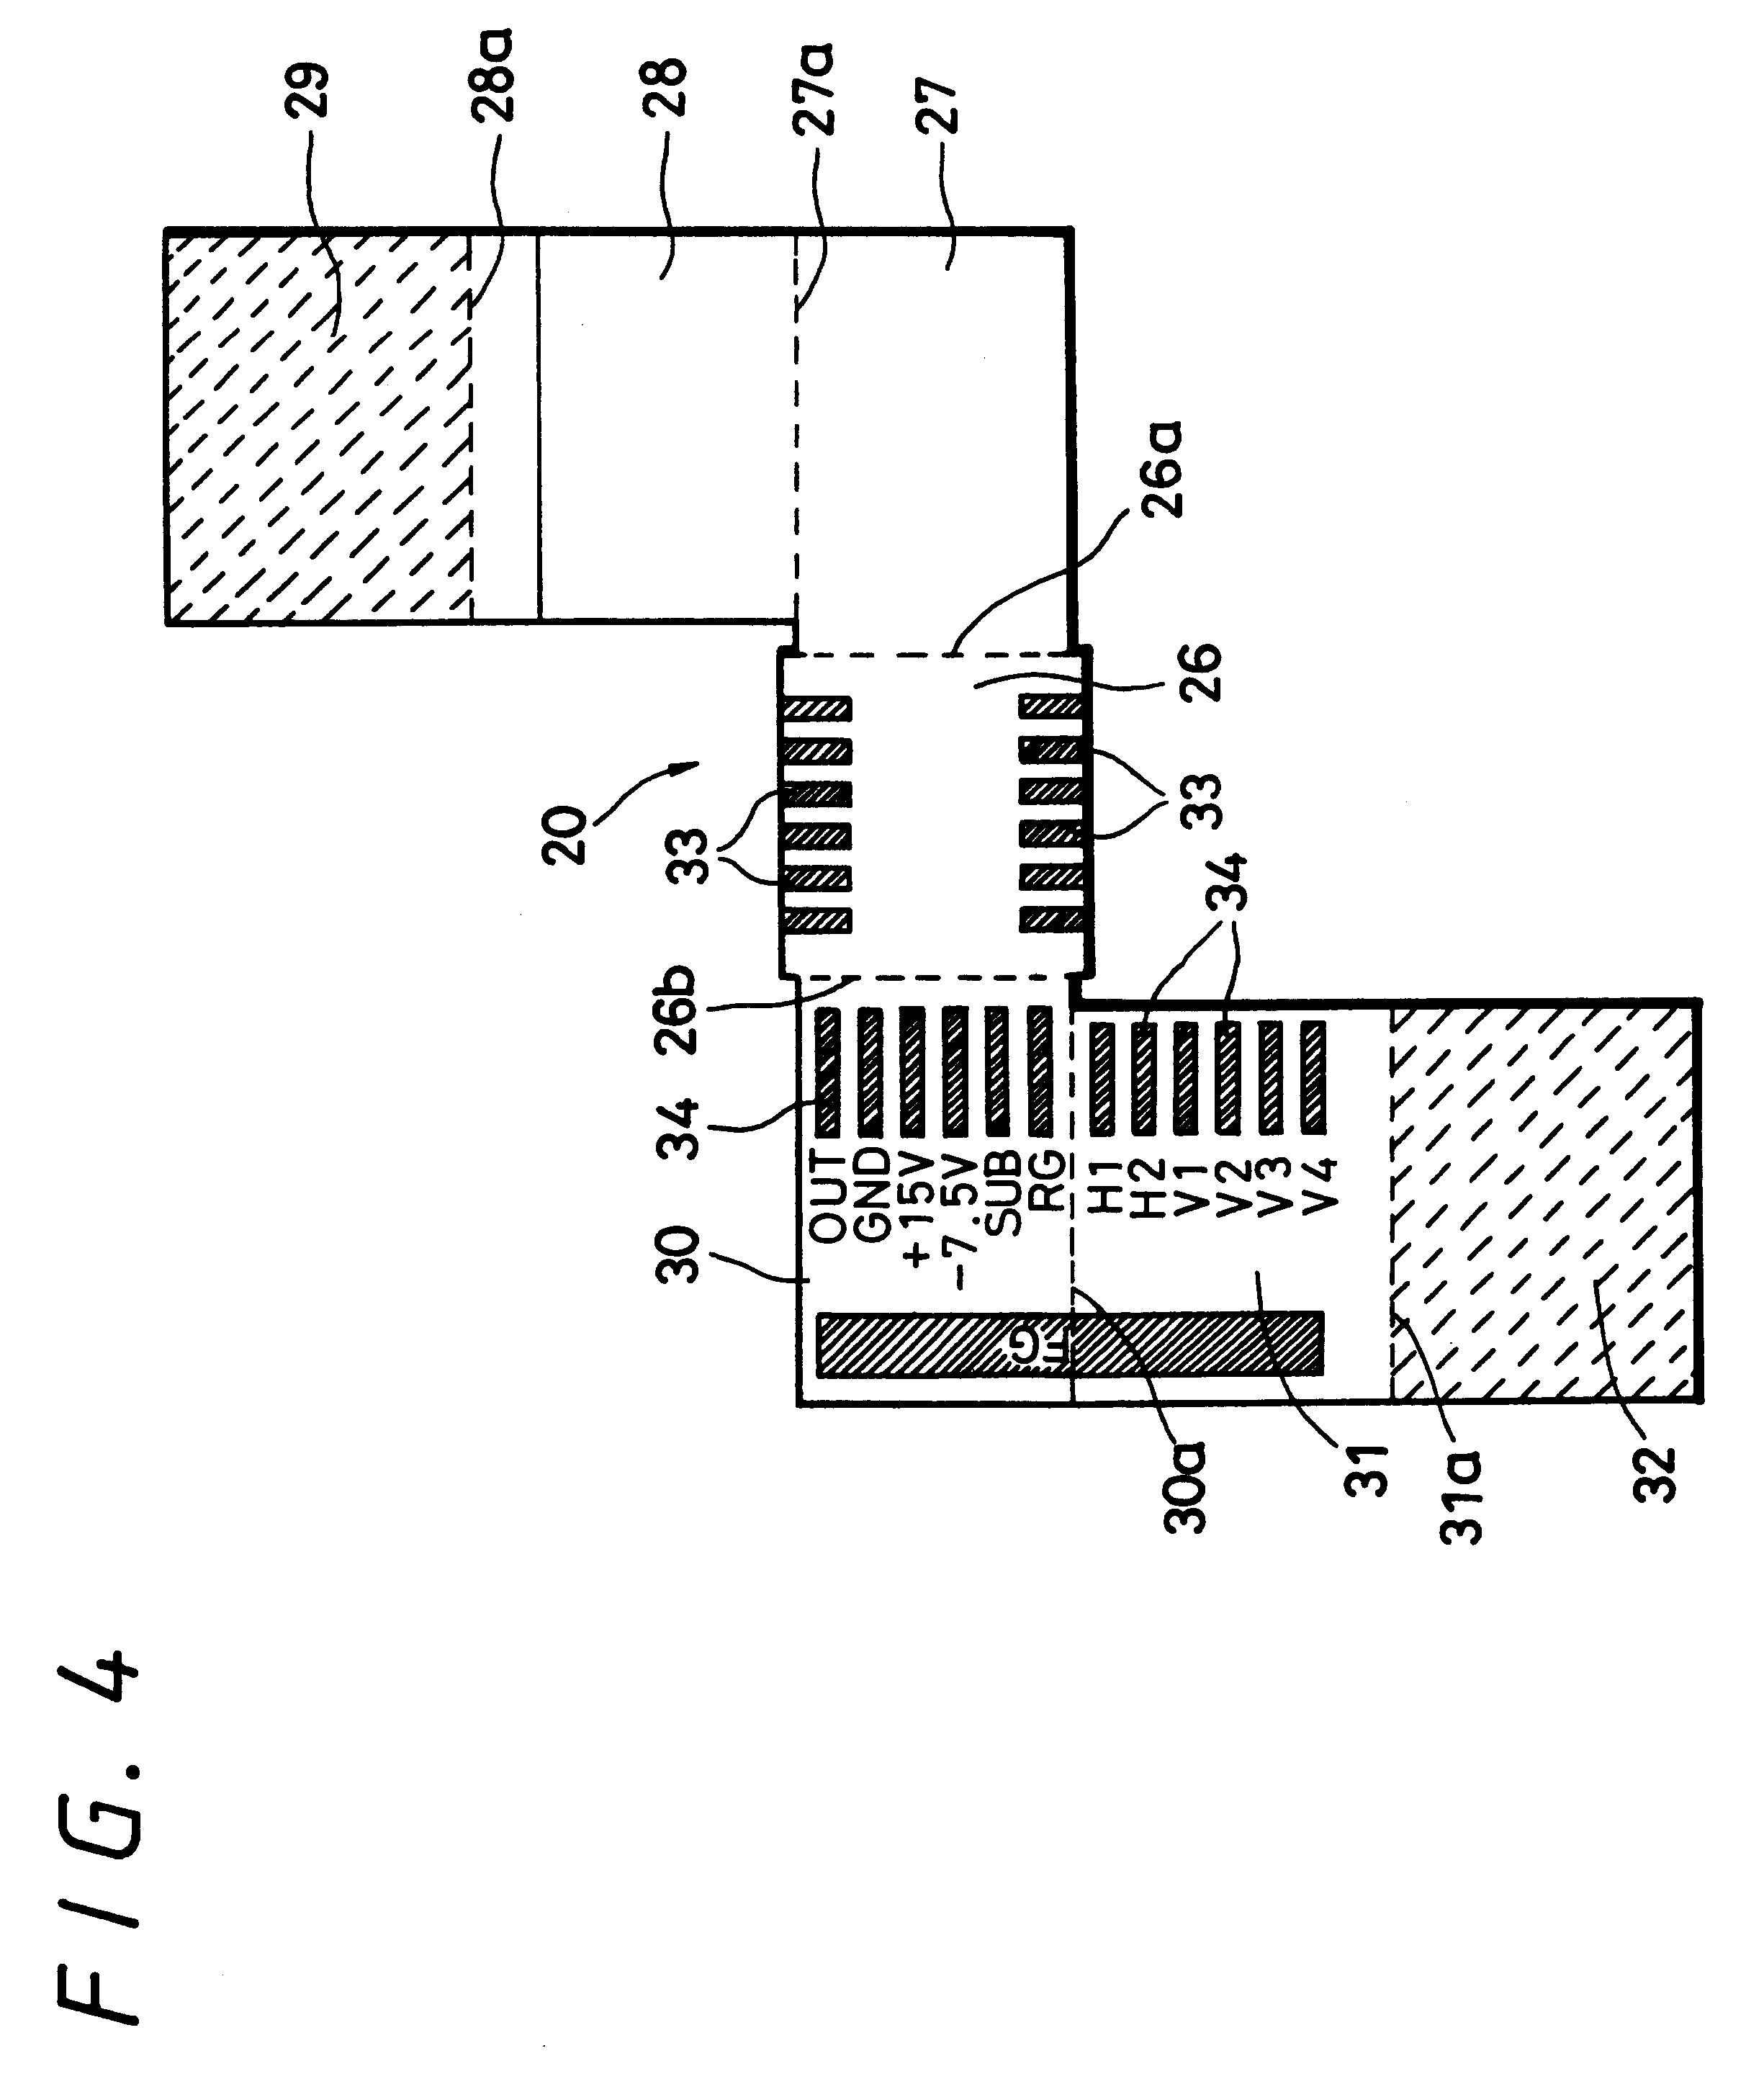 patent us6313456